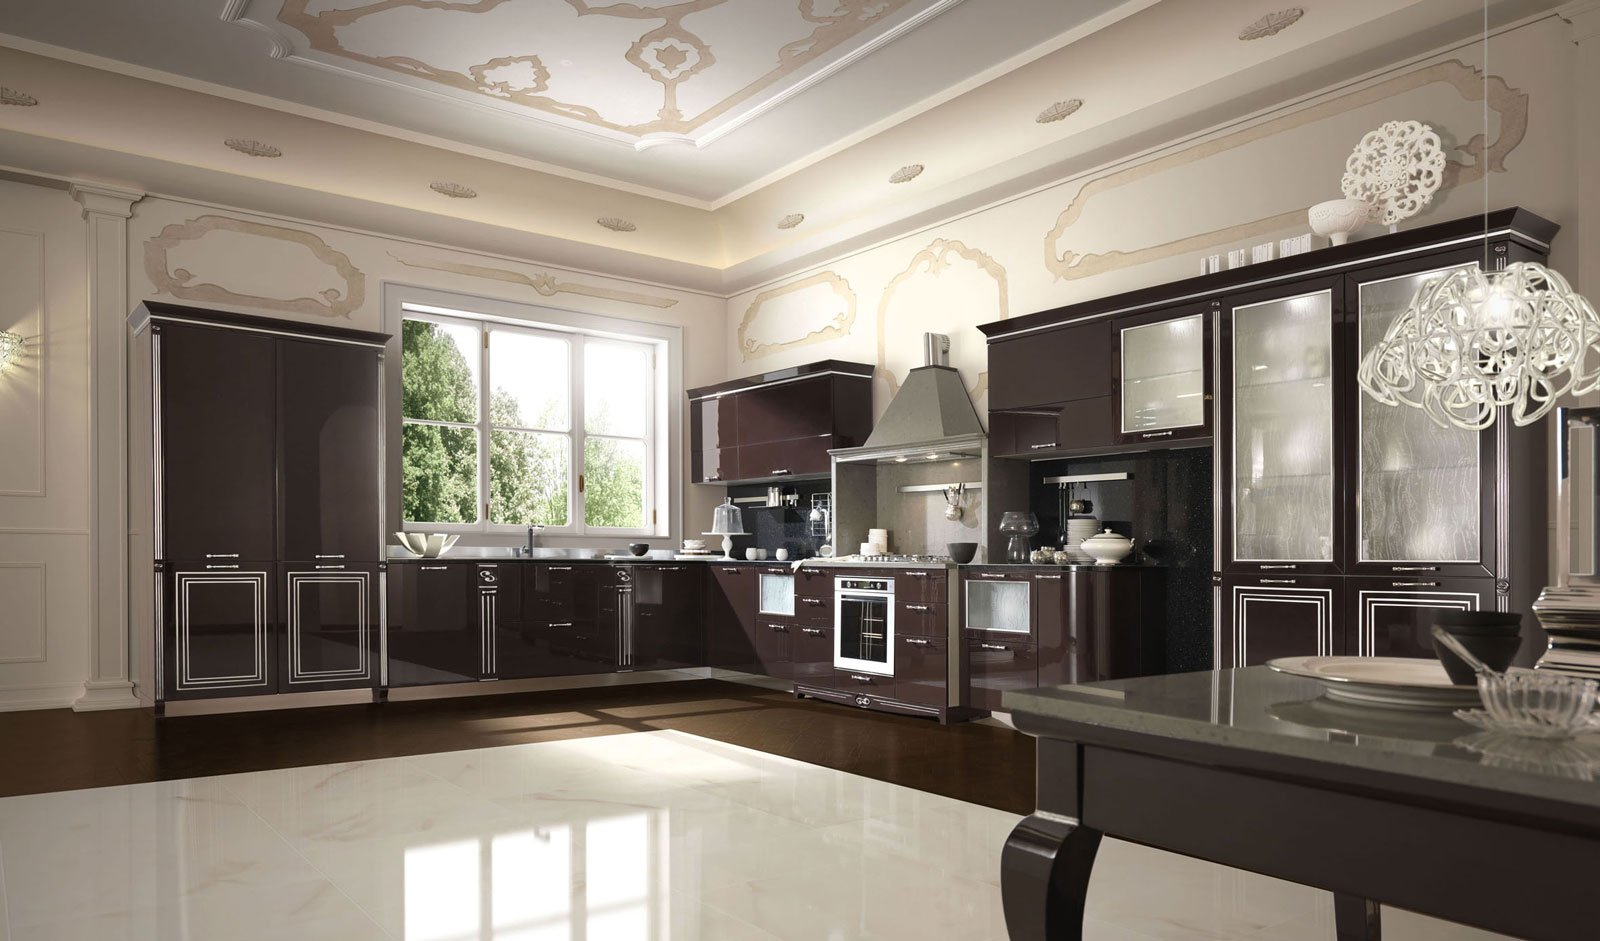 Cucine classiche in legno o laccate cose di casa - Cucine classiche immagini ...